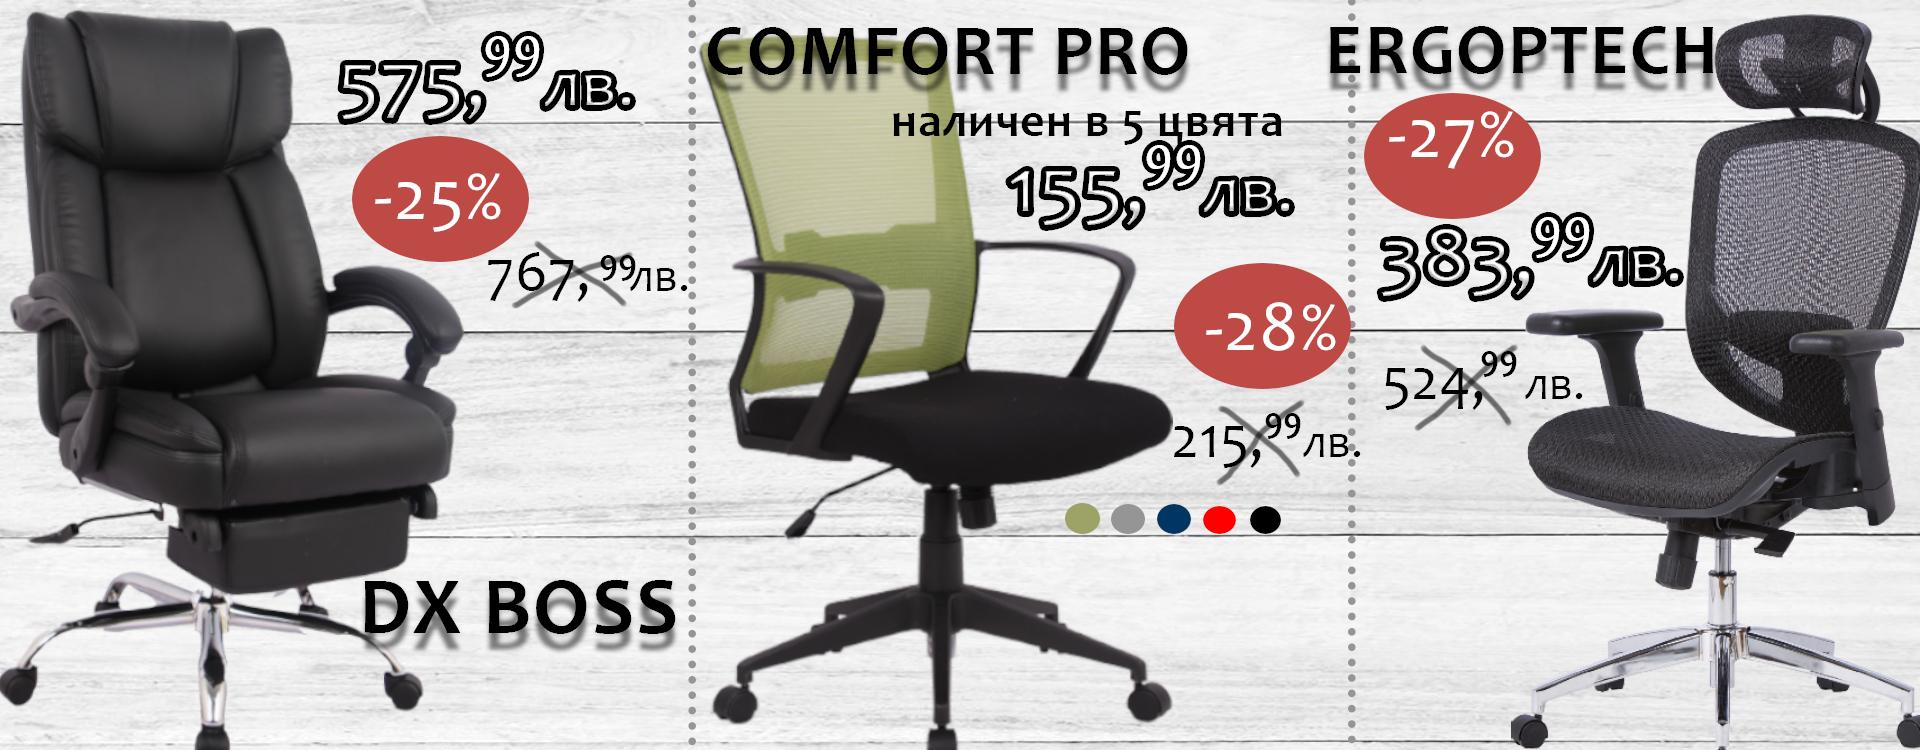 удобни работни столове намаление